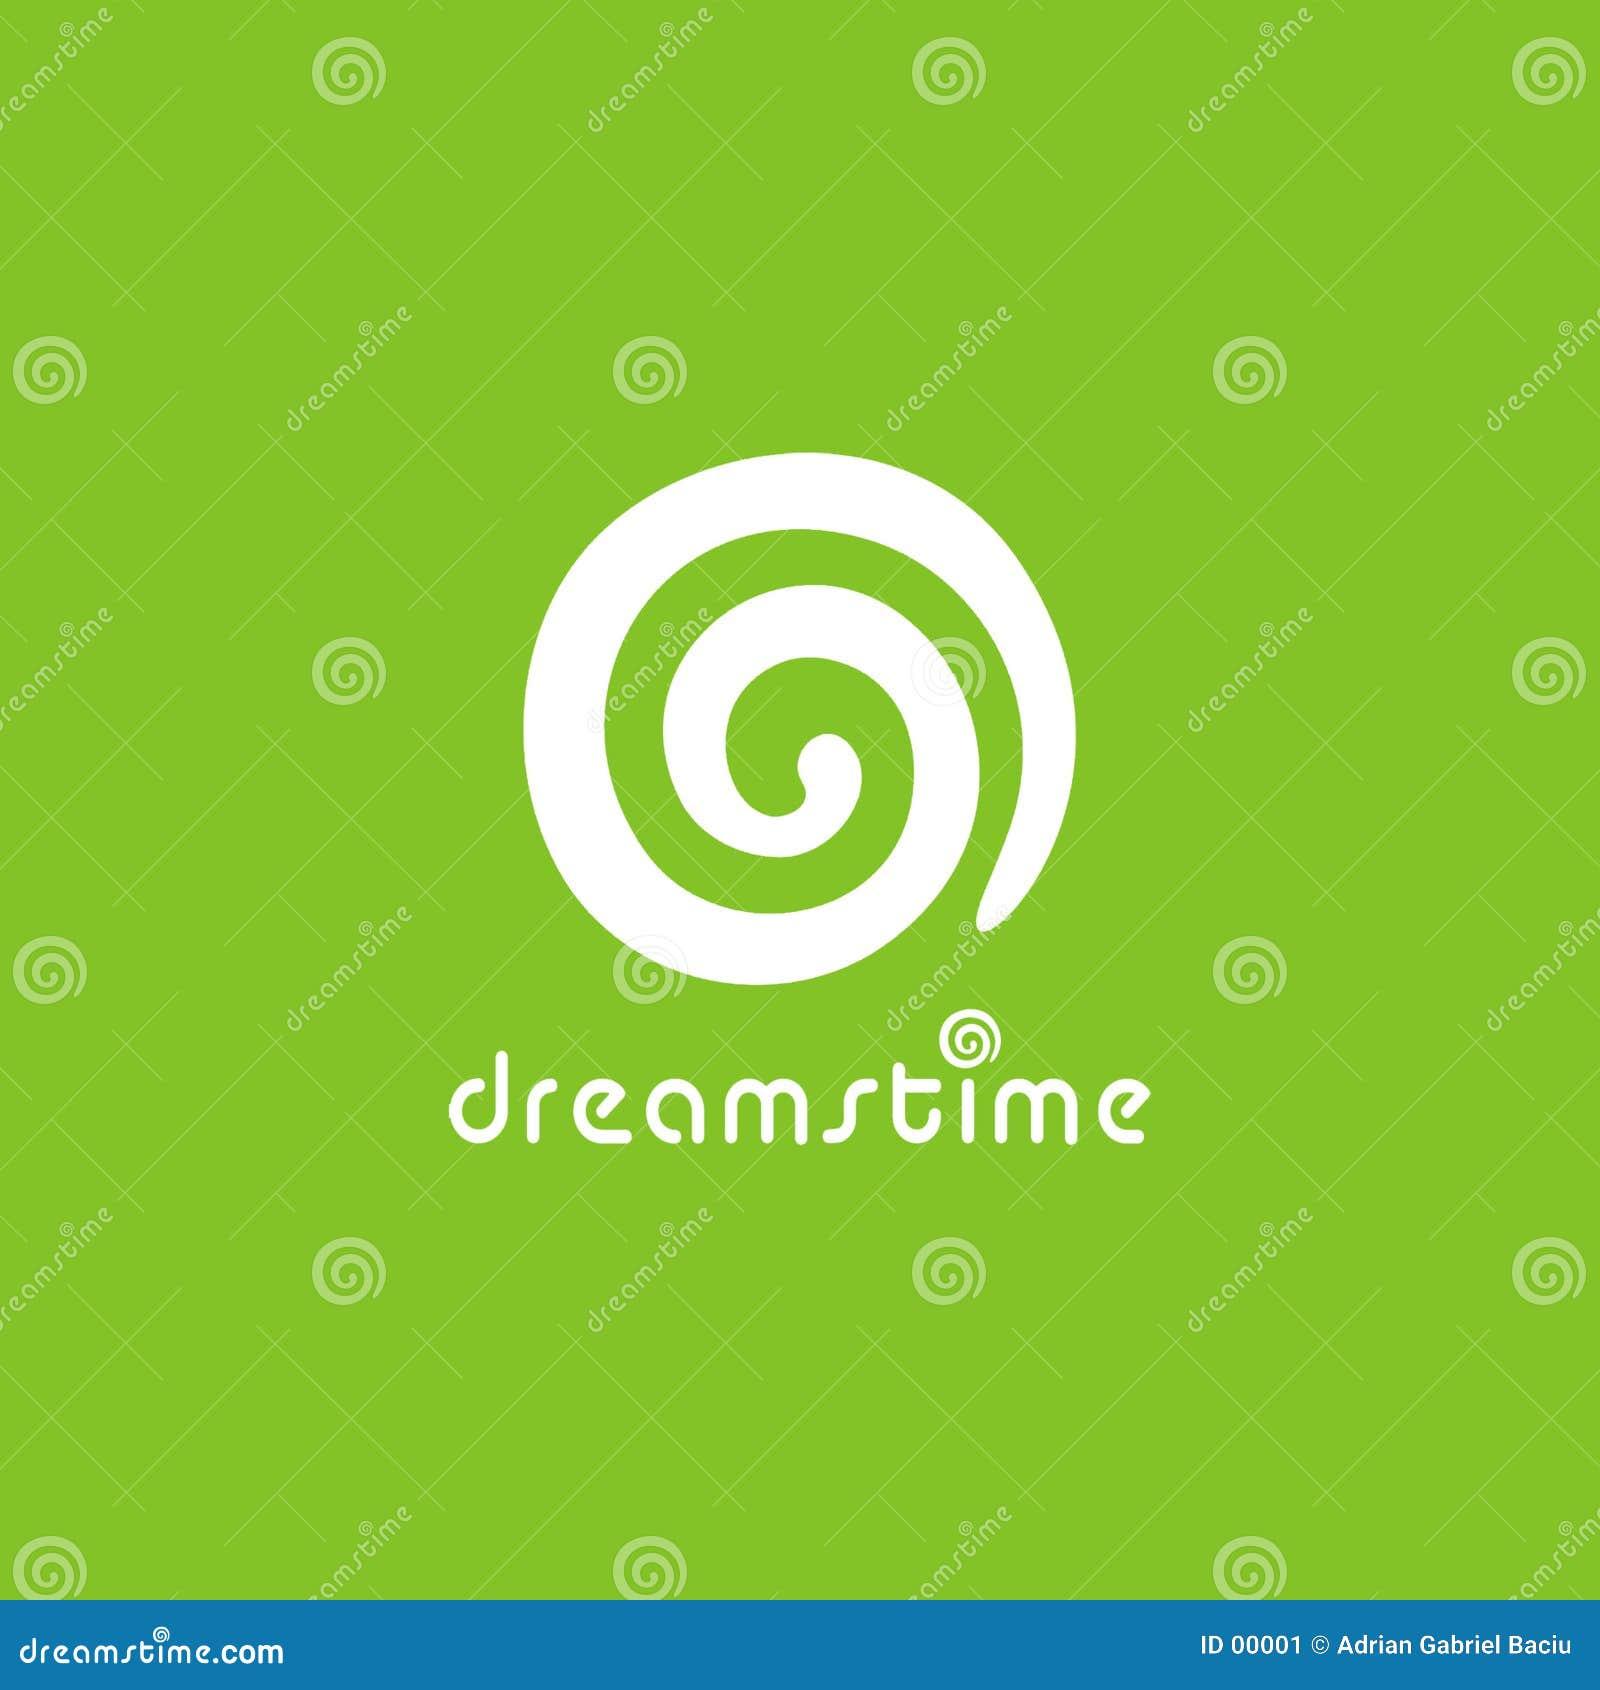 Imagen generica de Dreamstime